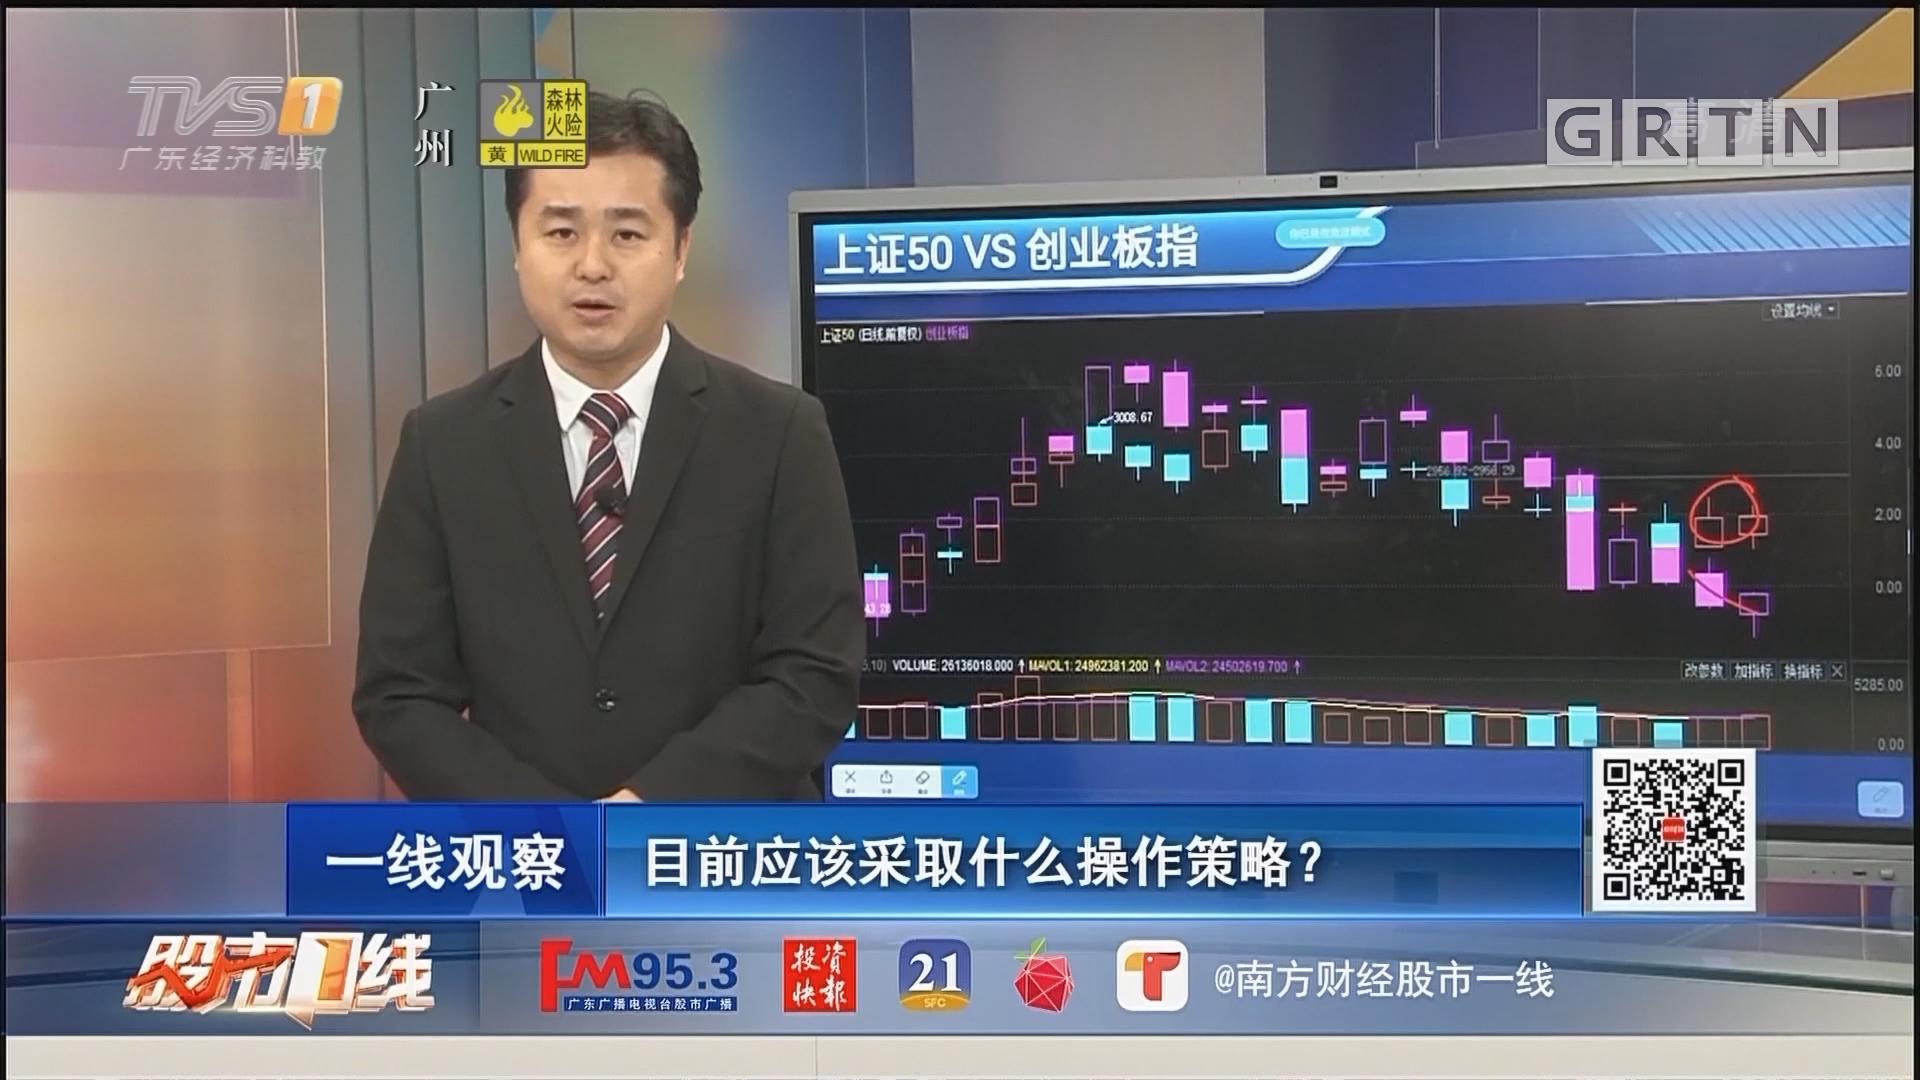 [HD][2019-10-09]股市一线:目前应该采取什么操作策略?